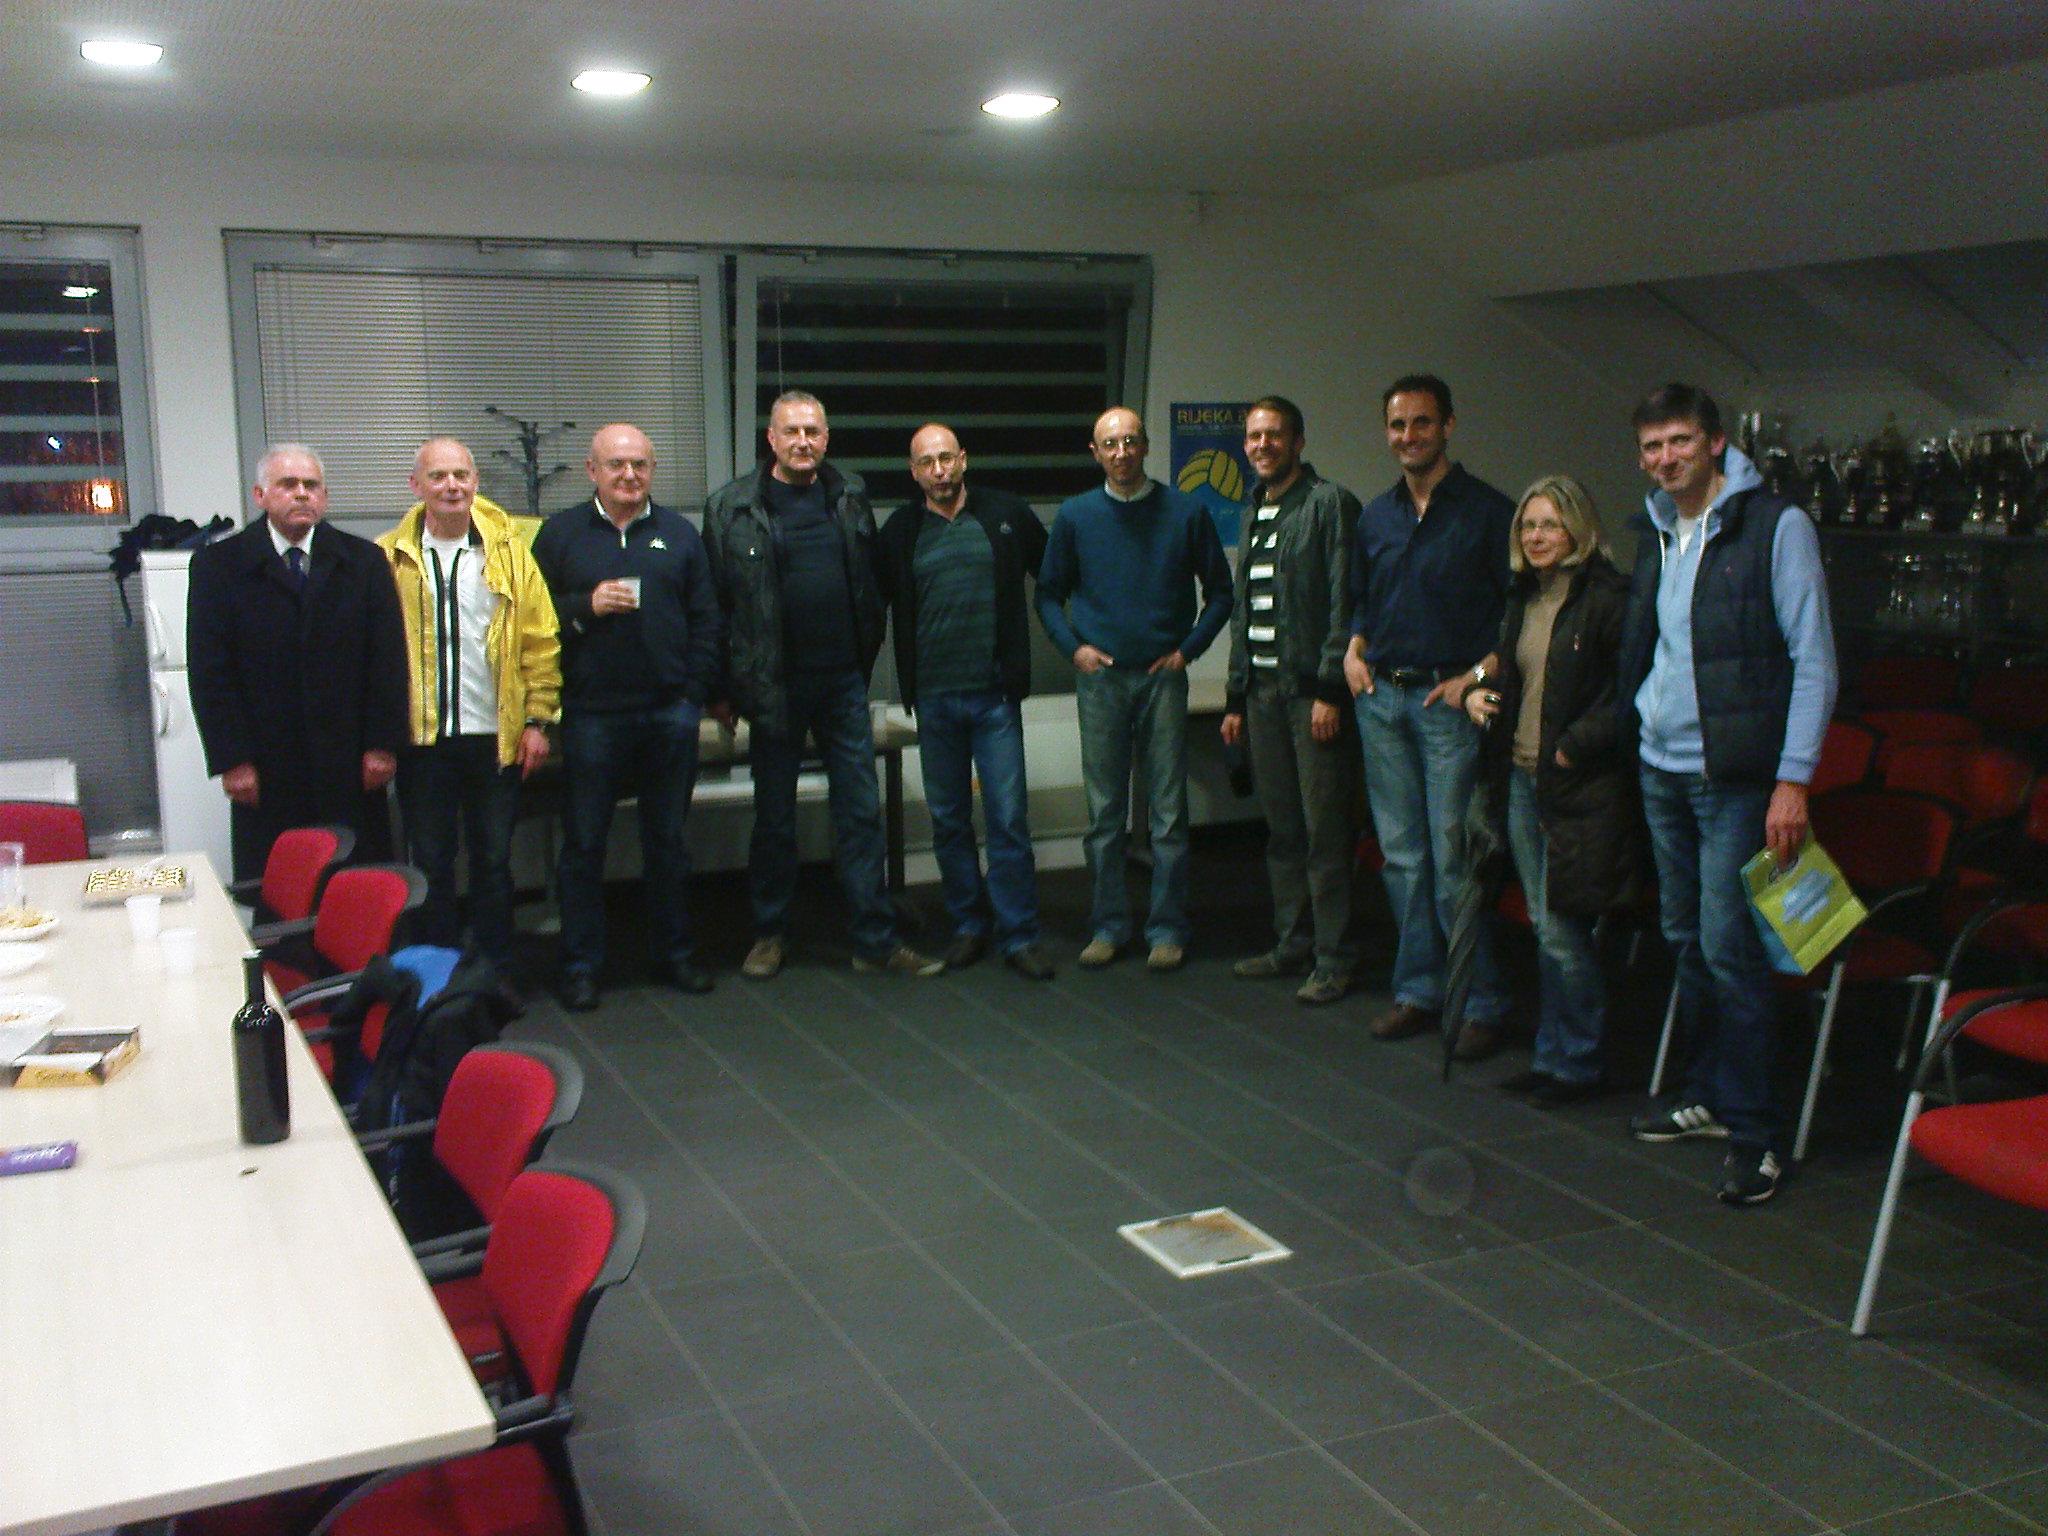 skupstina 2013